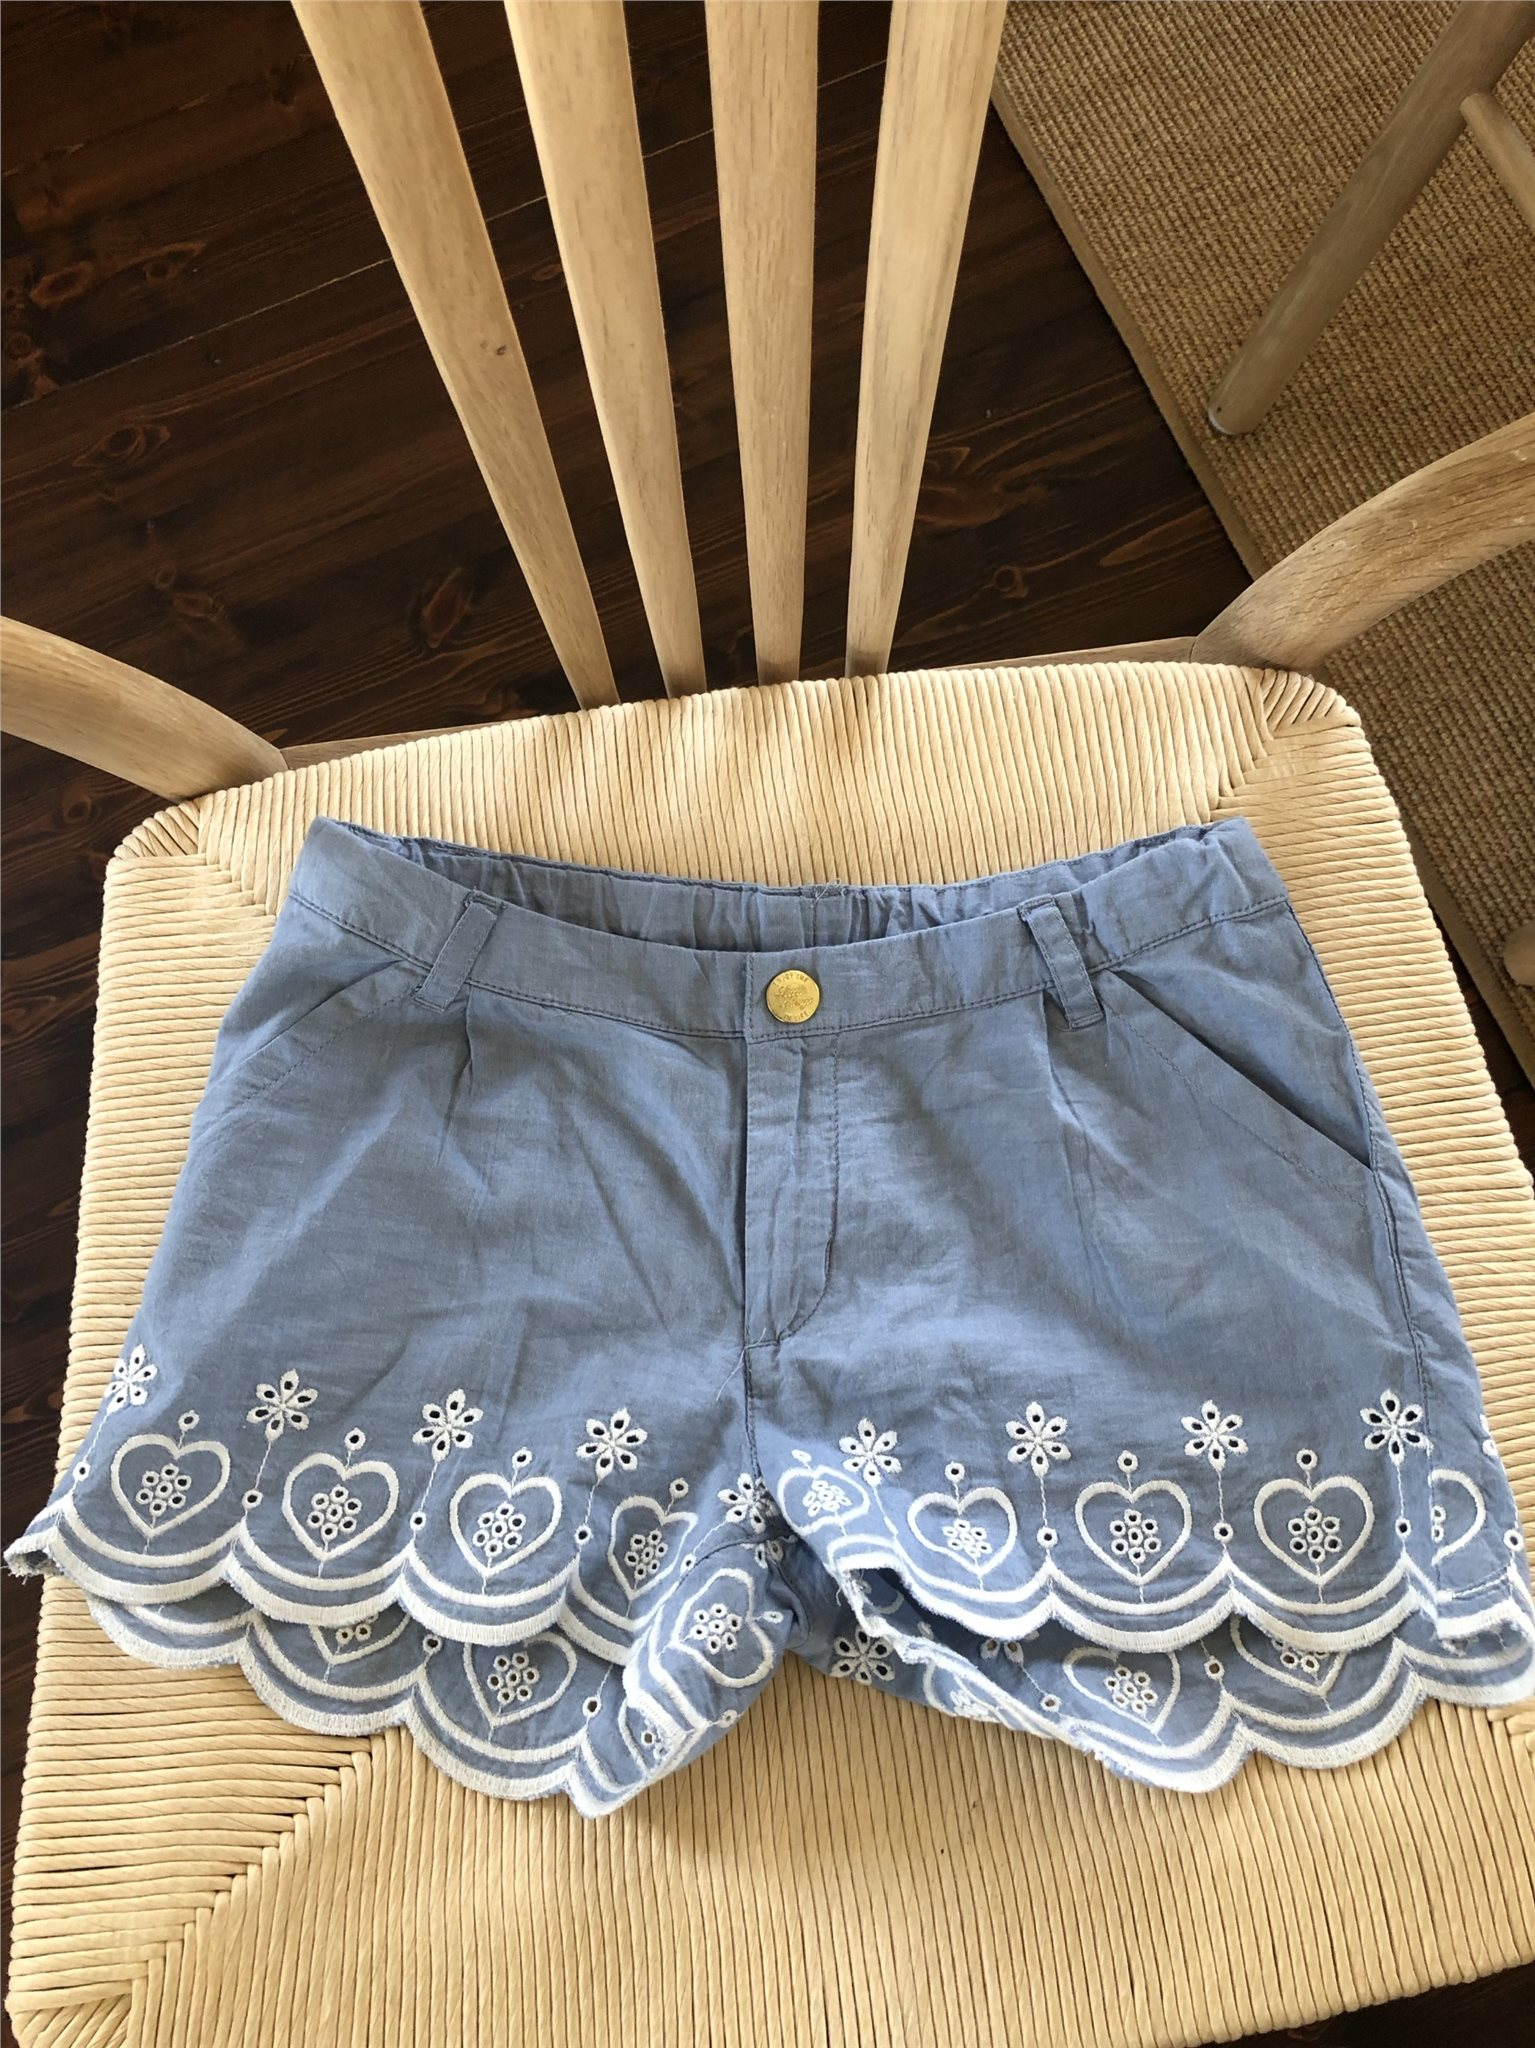 3f923bf5 Shorts barn, blå med vit detalj, strl 134 (344588612) ᐈ Köp på Tradera